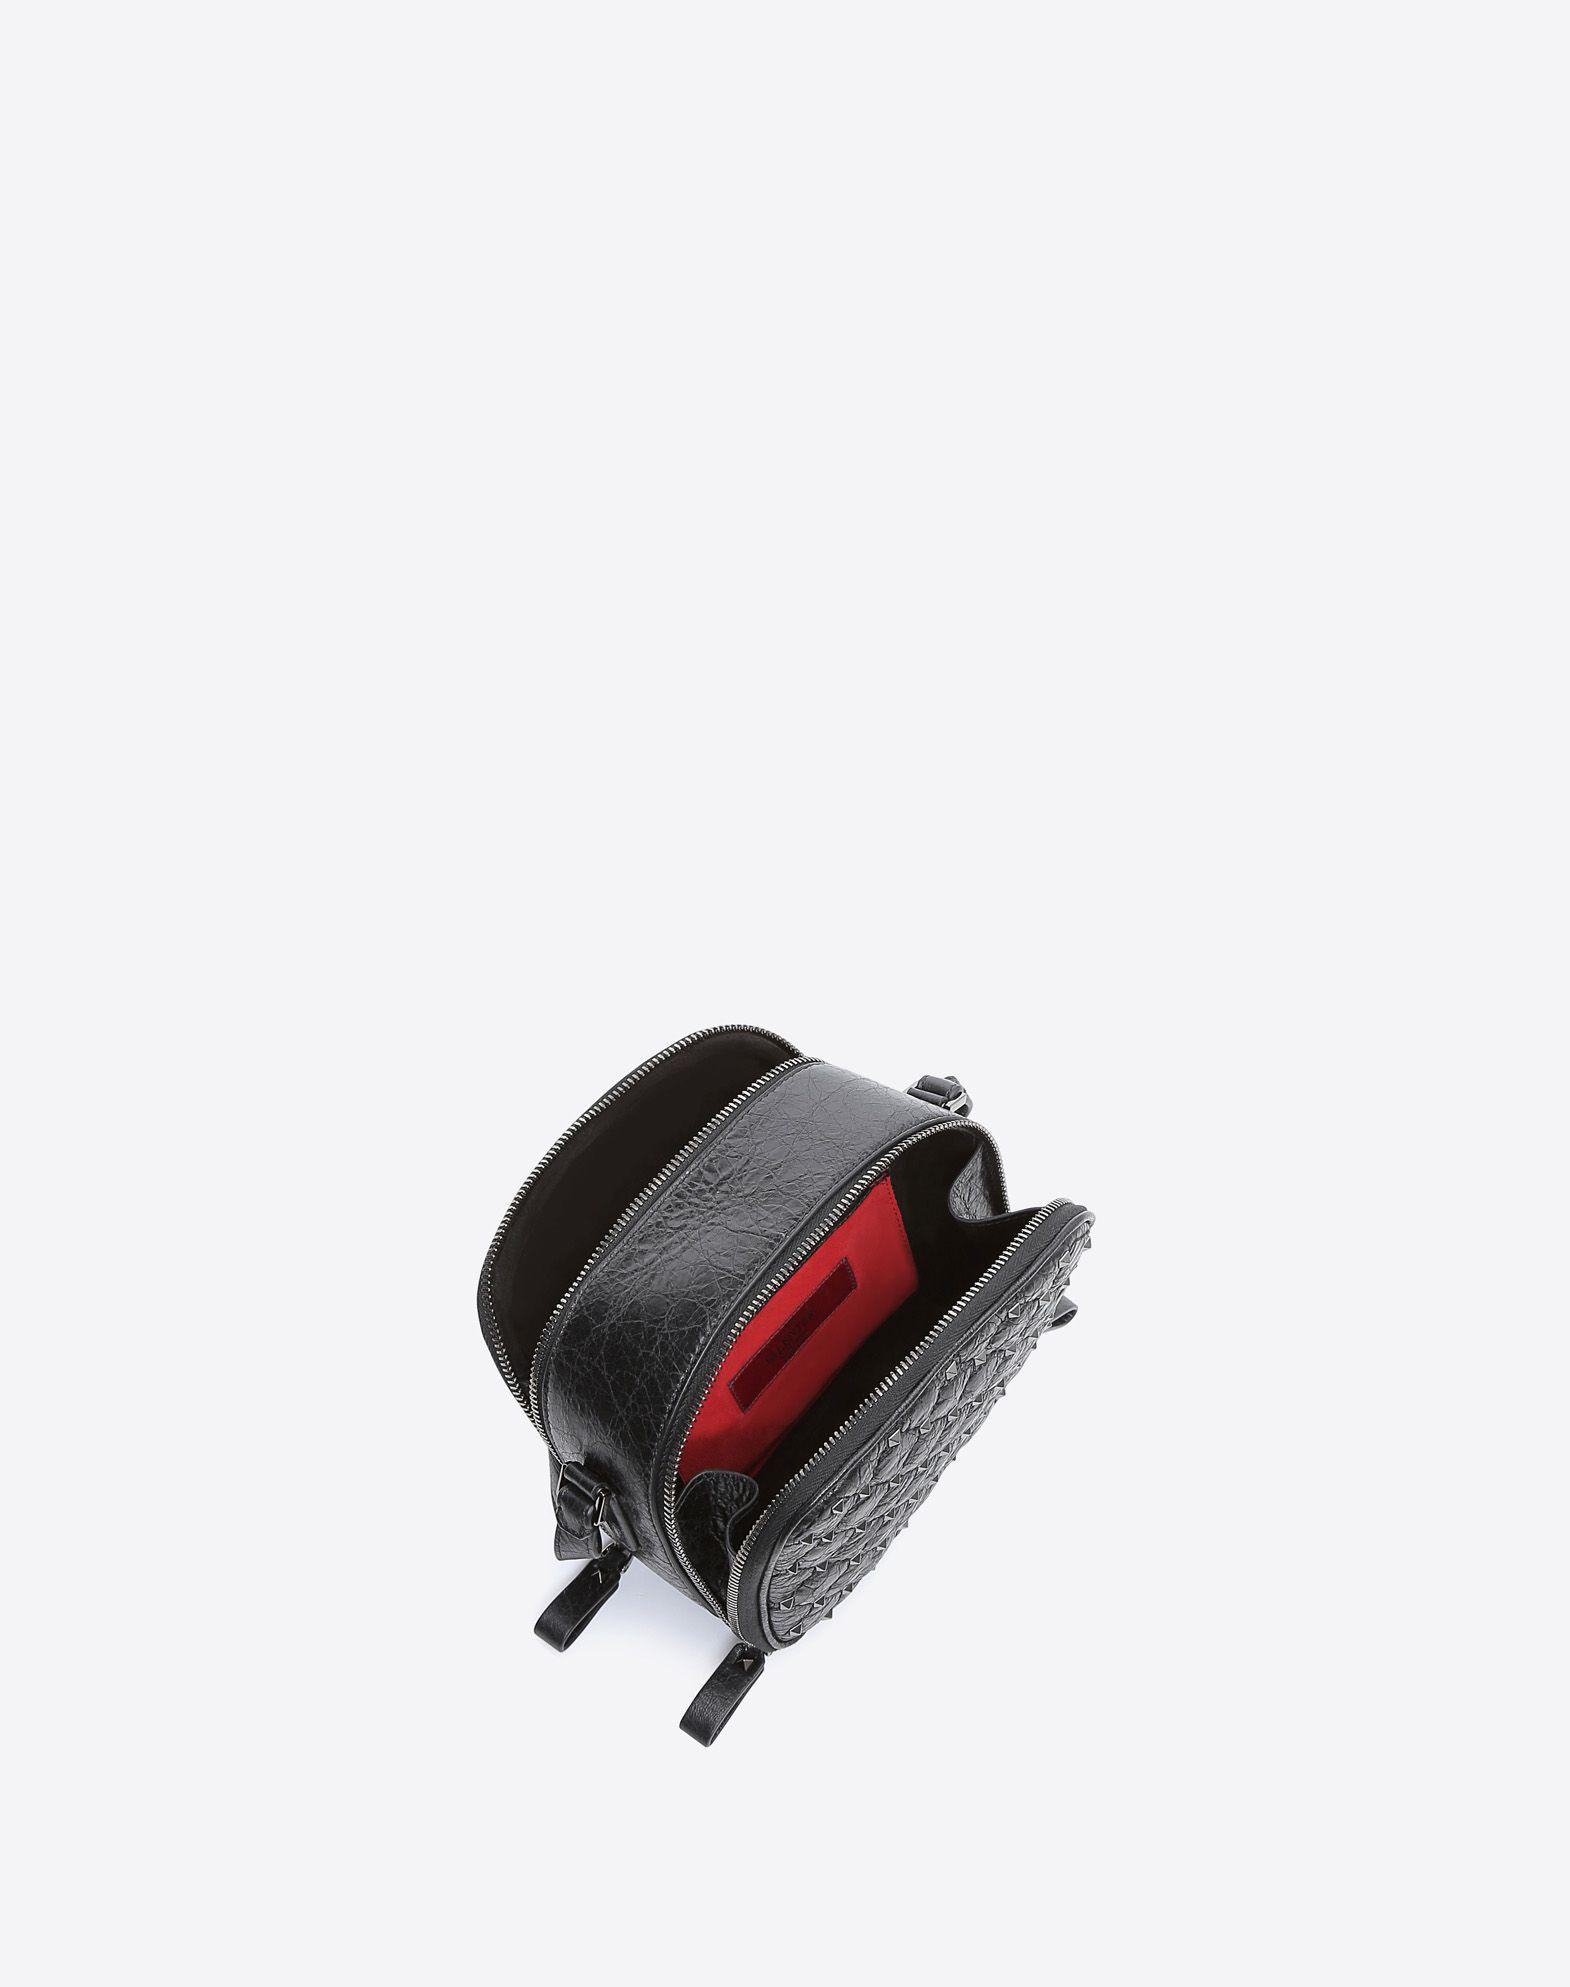 VALENTINO GARAVANI Rockstud Spike 相机包 肩背包 D e